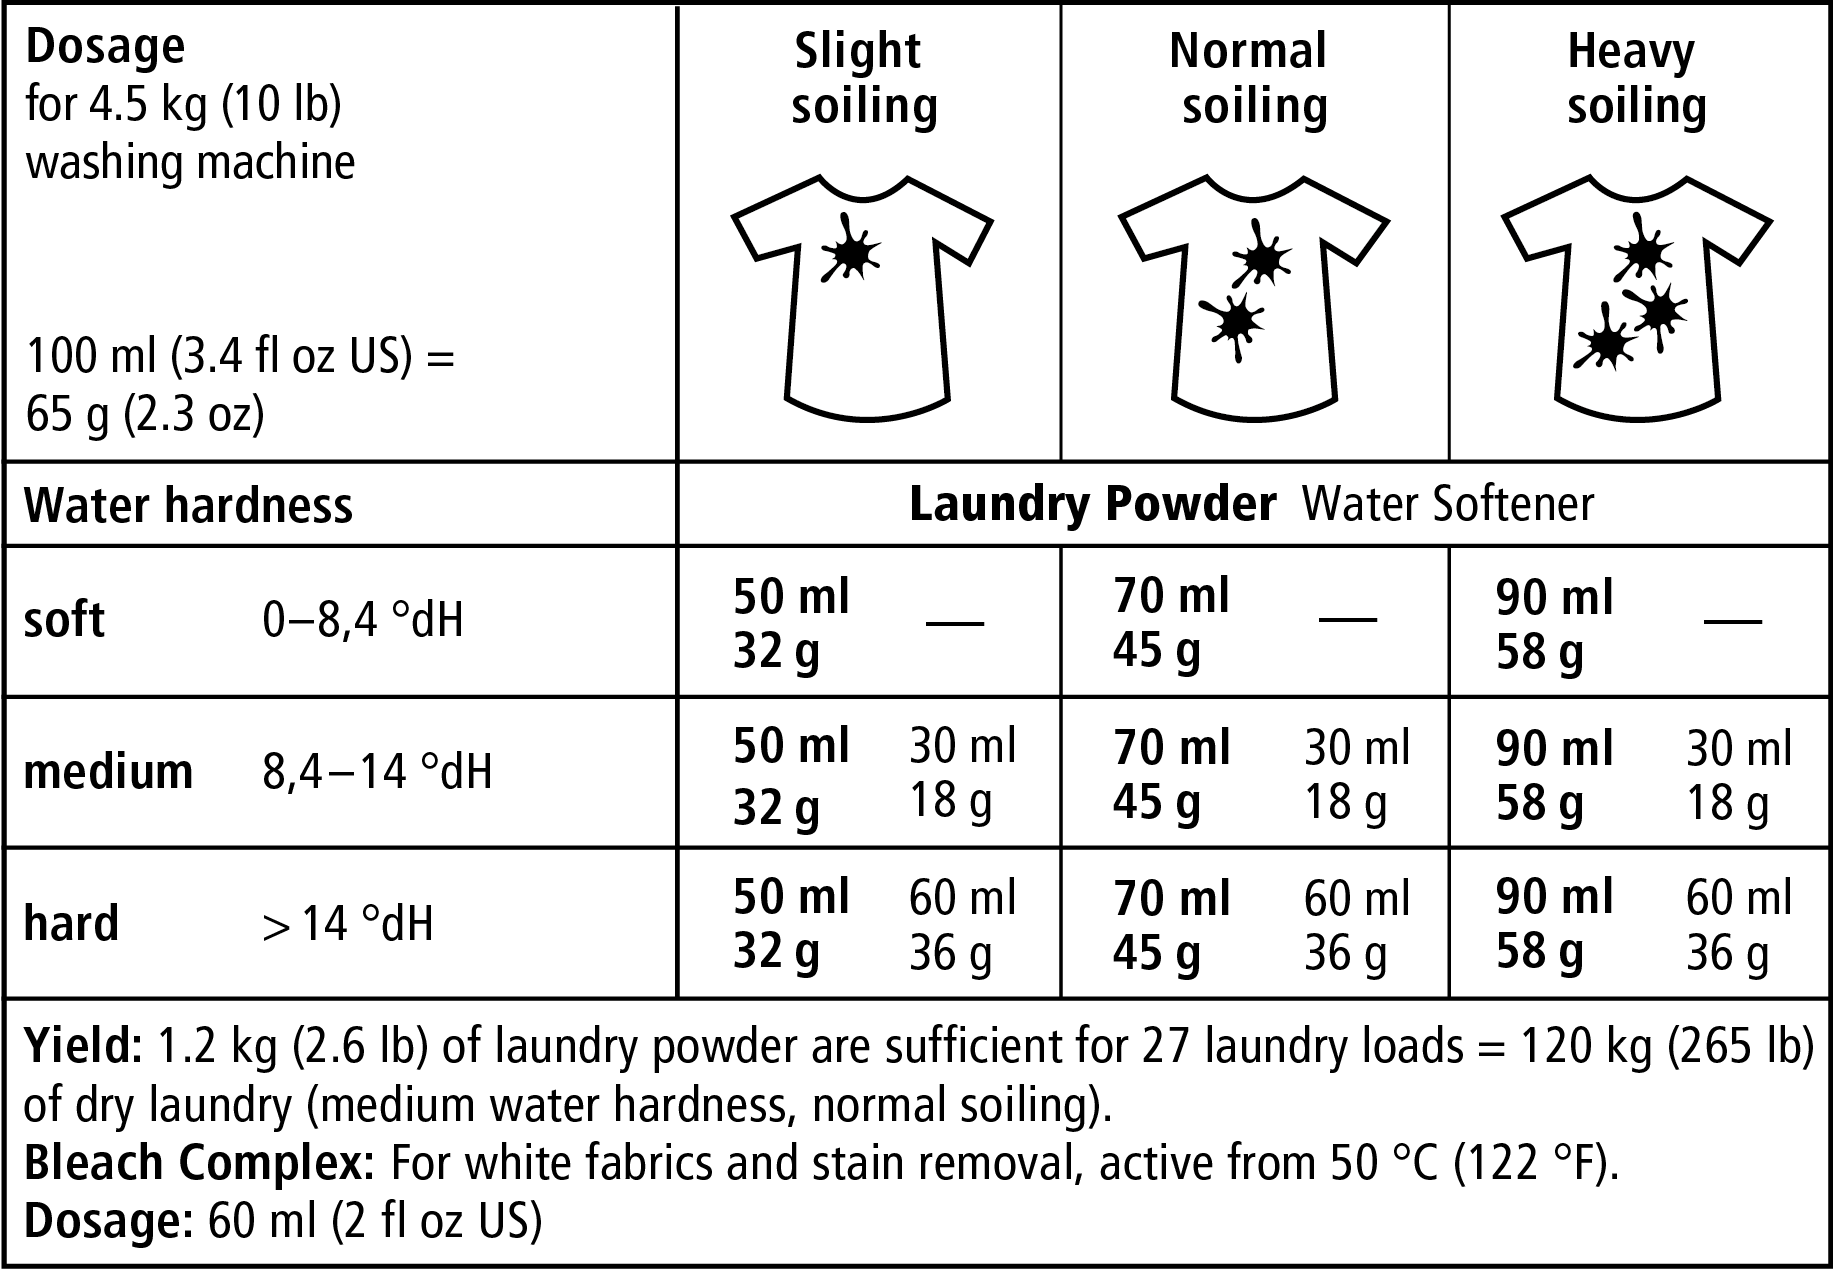 sonett_dosage_laundry_powder.png